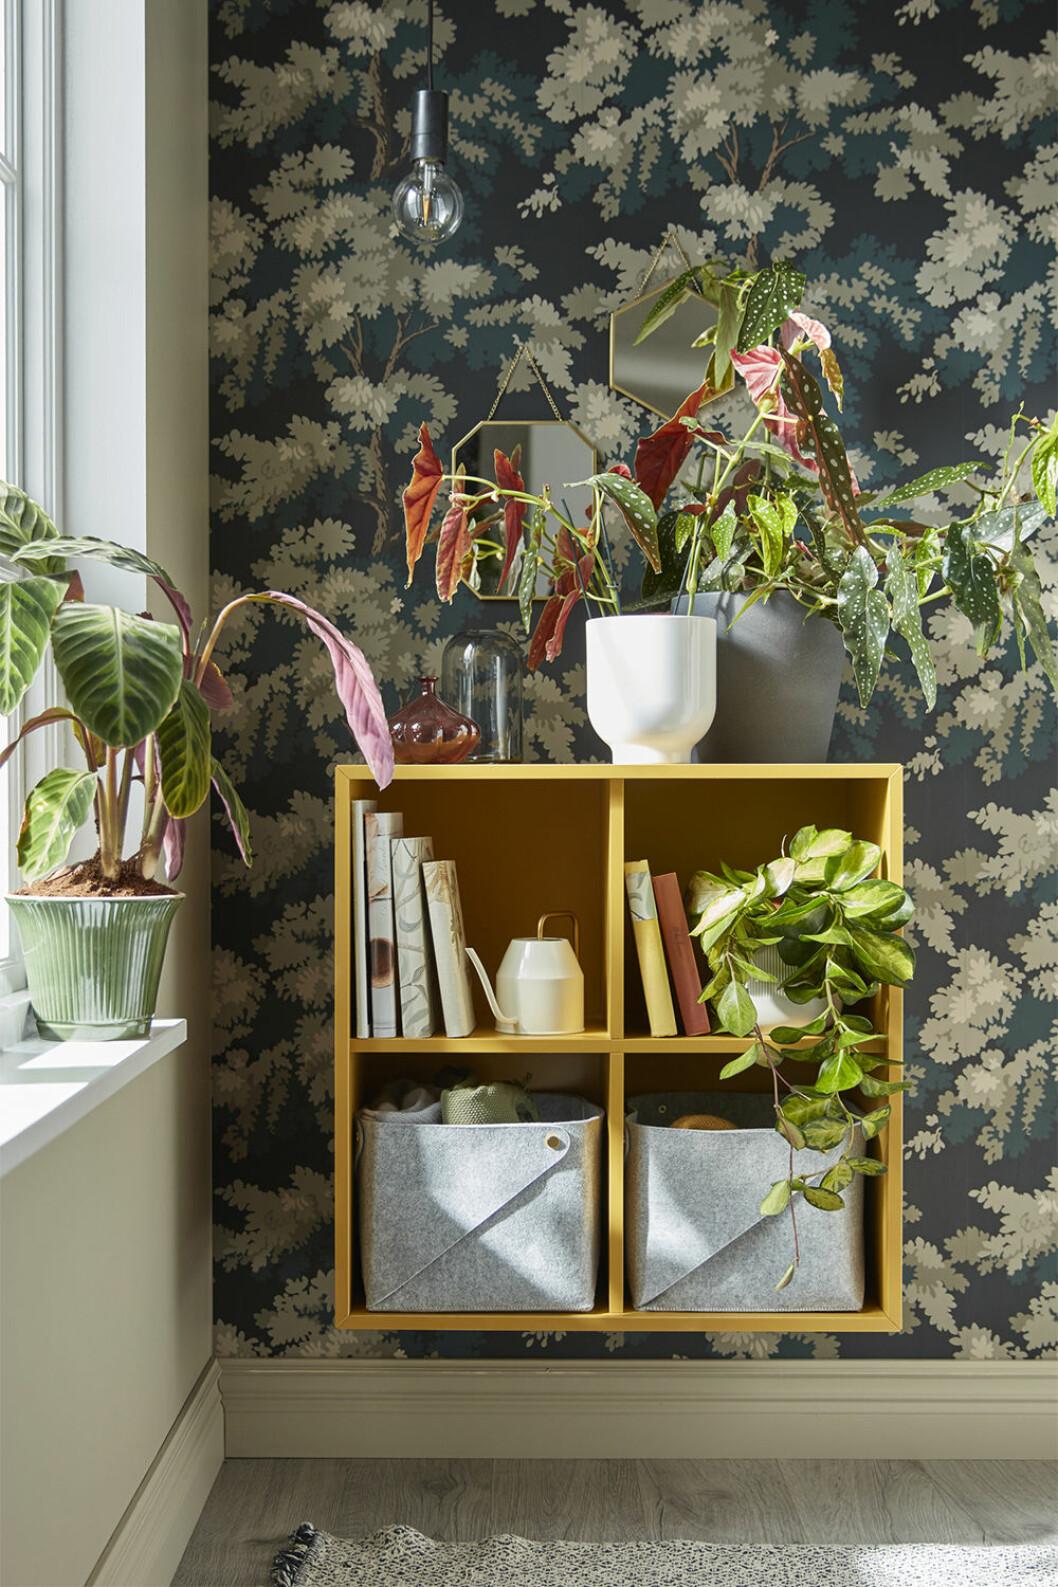 Gul förvaringshylla från Ikea